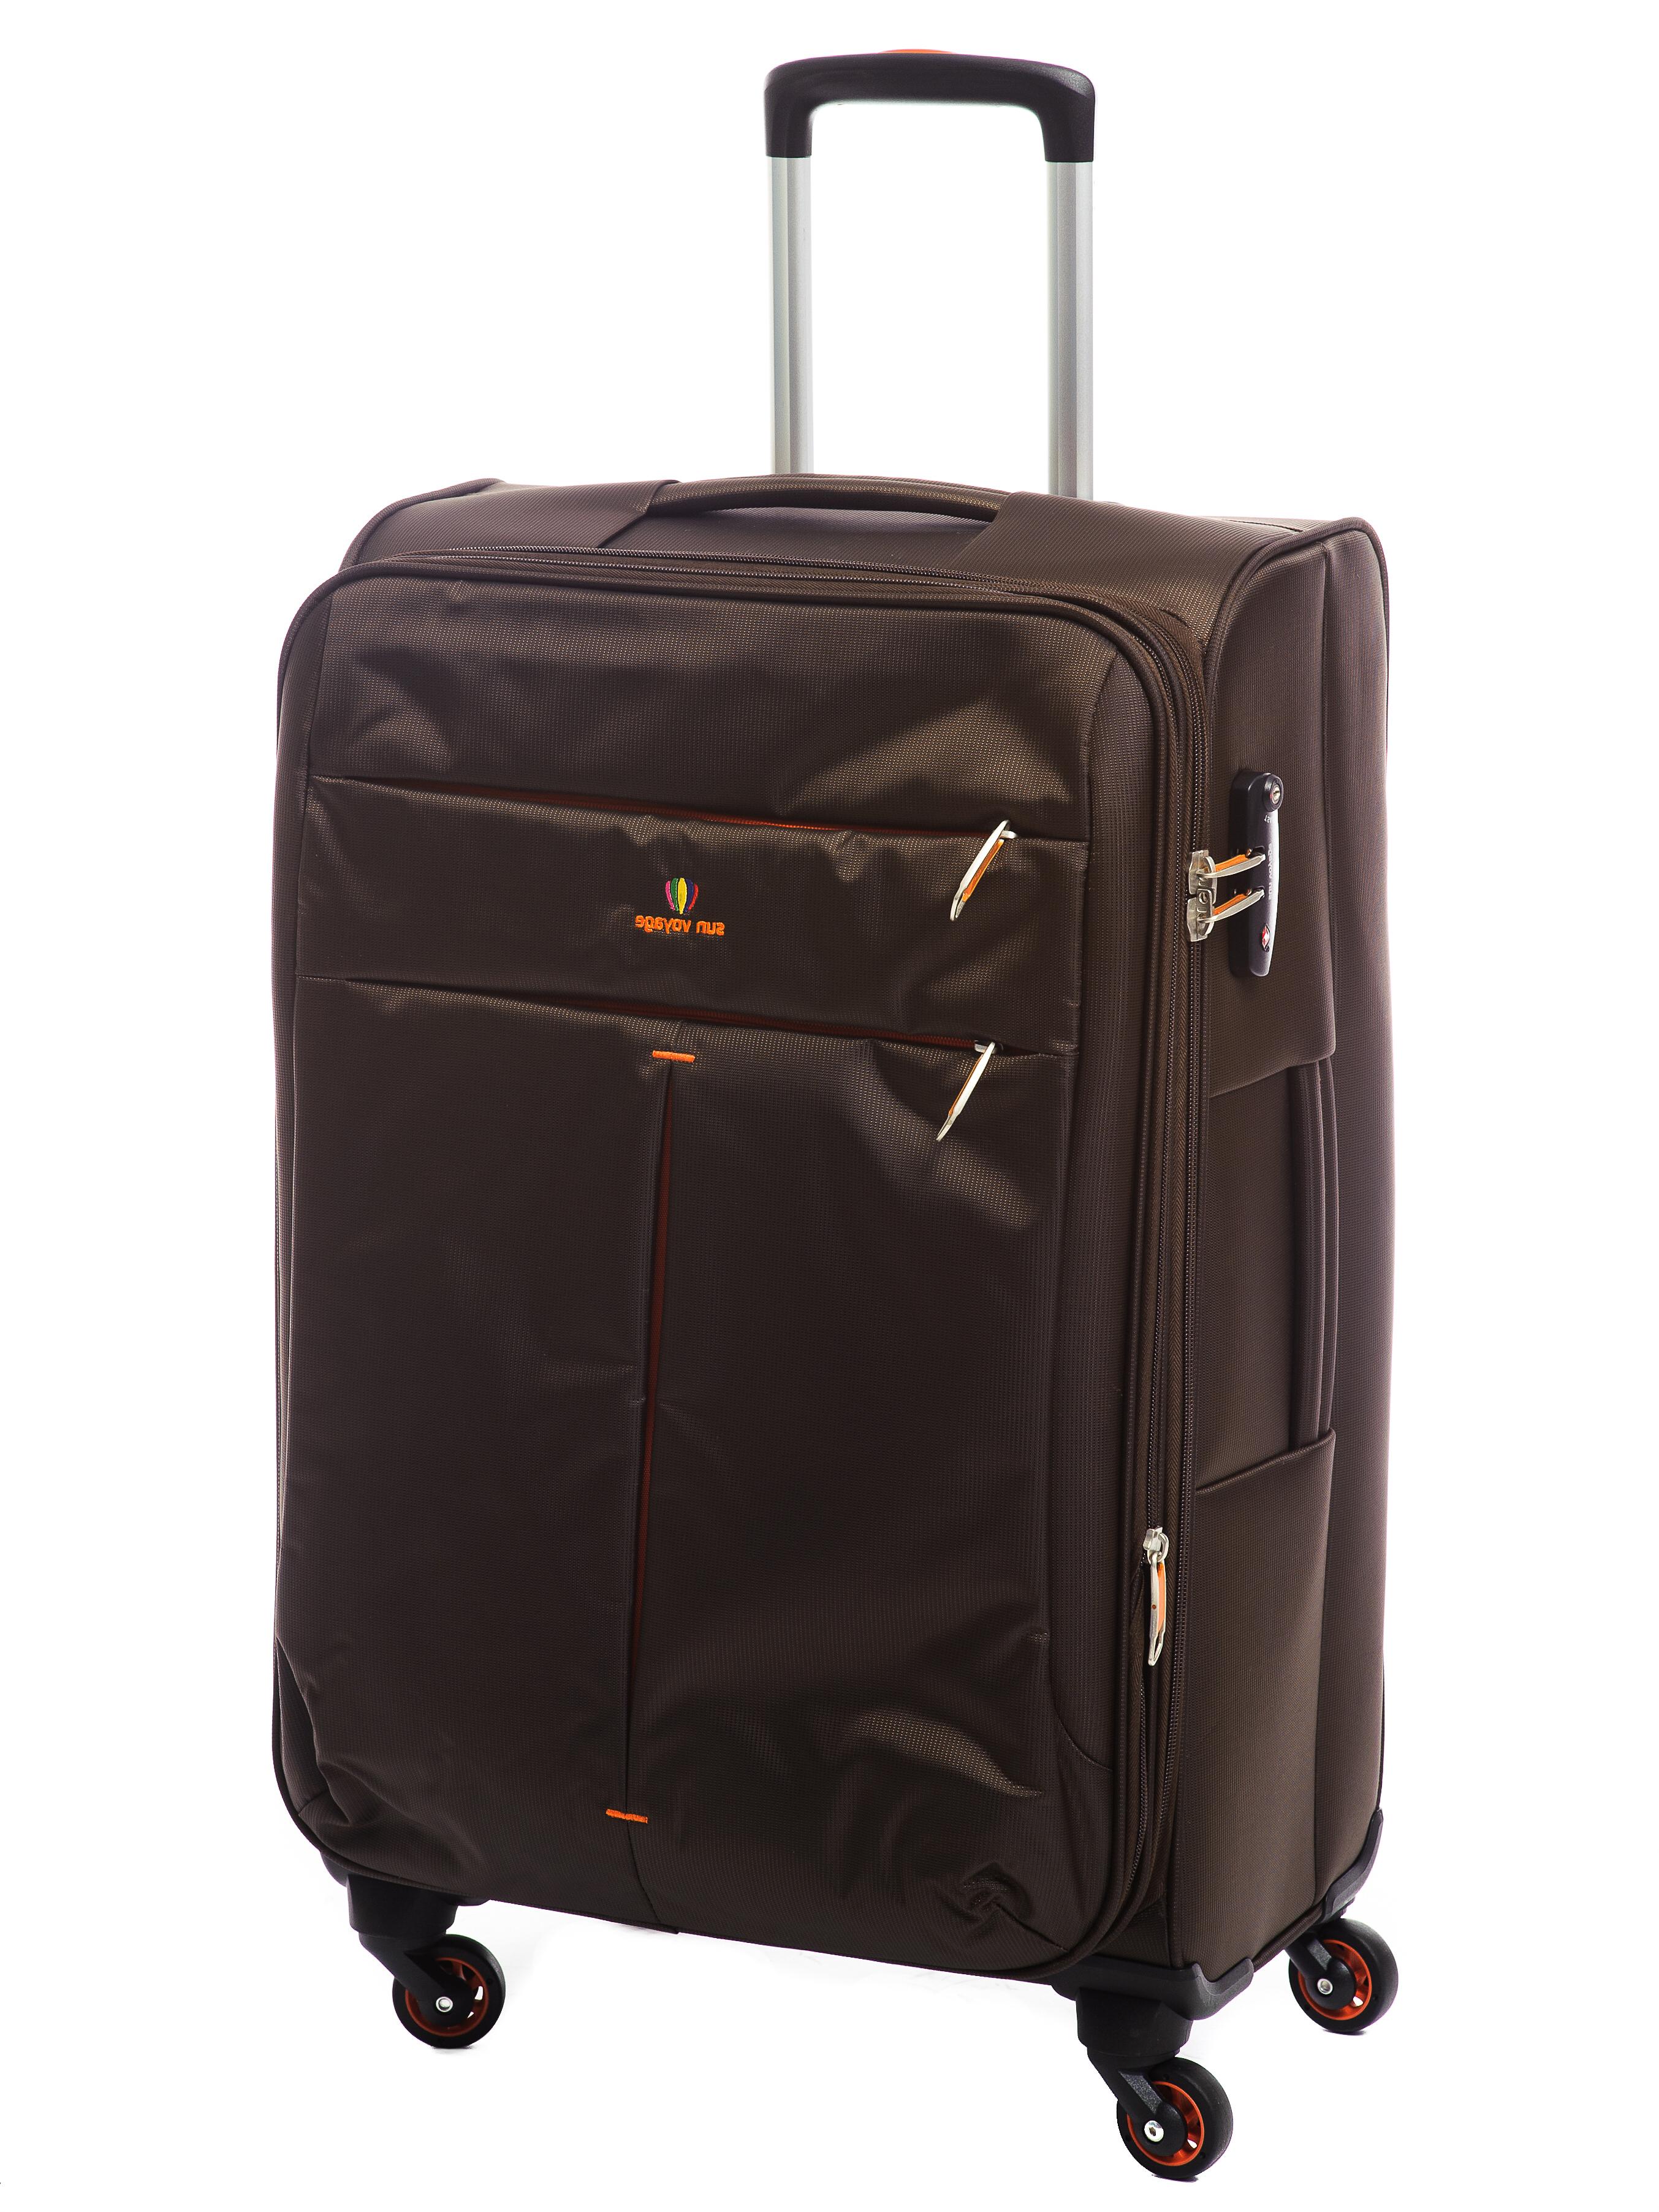 Какие чемоданы лудше с 4 роликами или с 2 роликами детские рюкзаки в виде животных купить